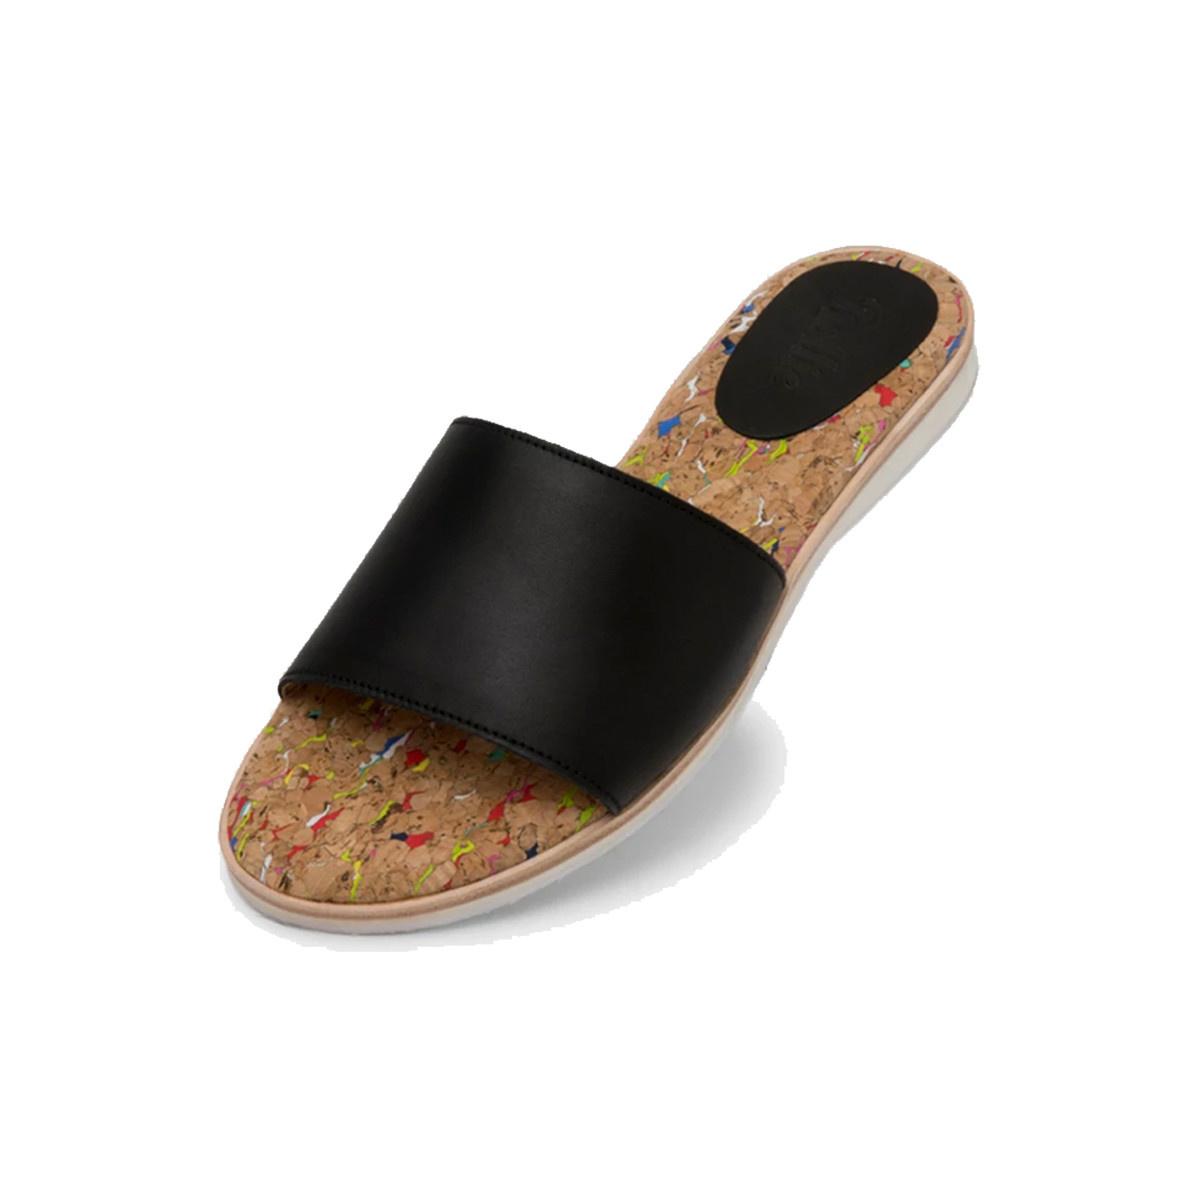 Rollie Sandal Slide Black